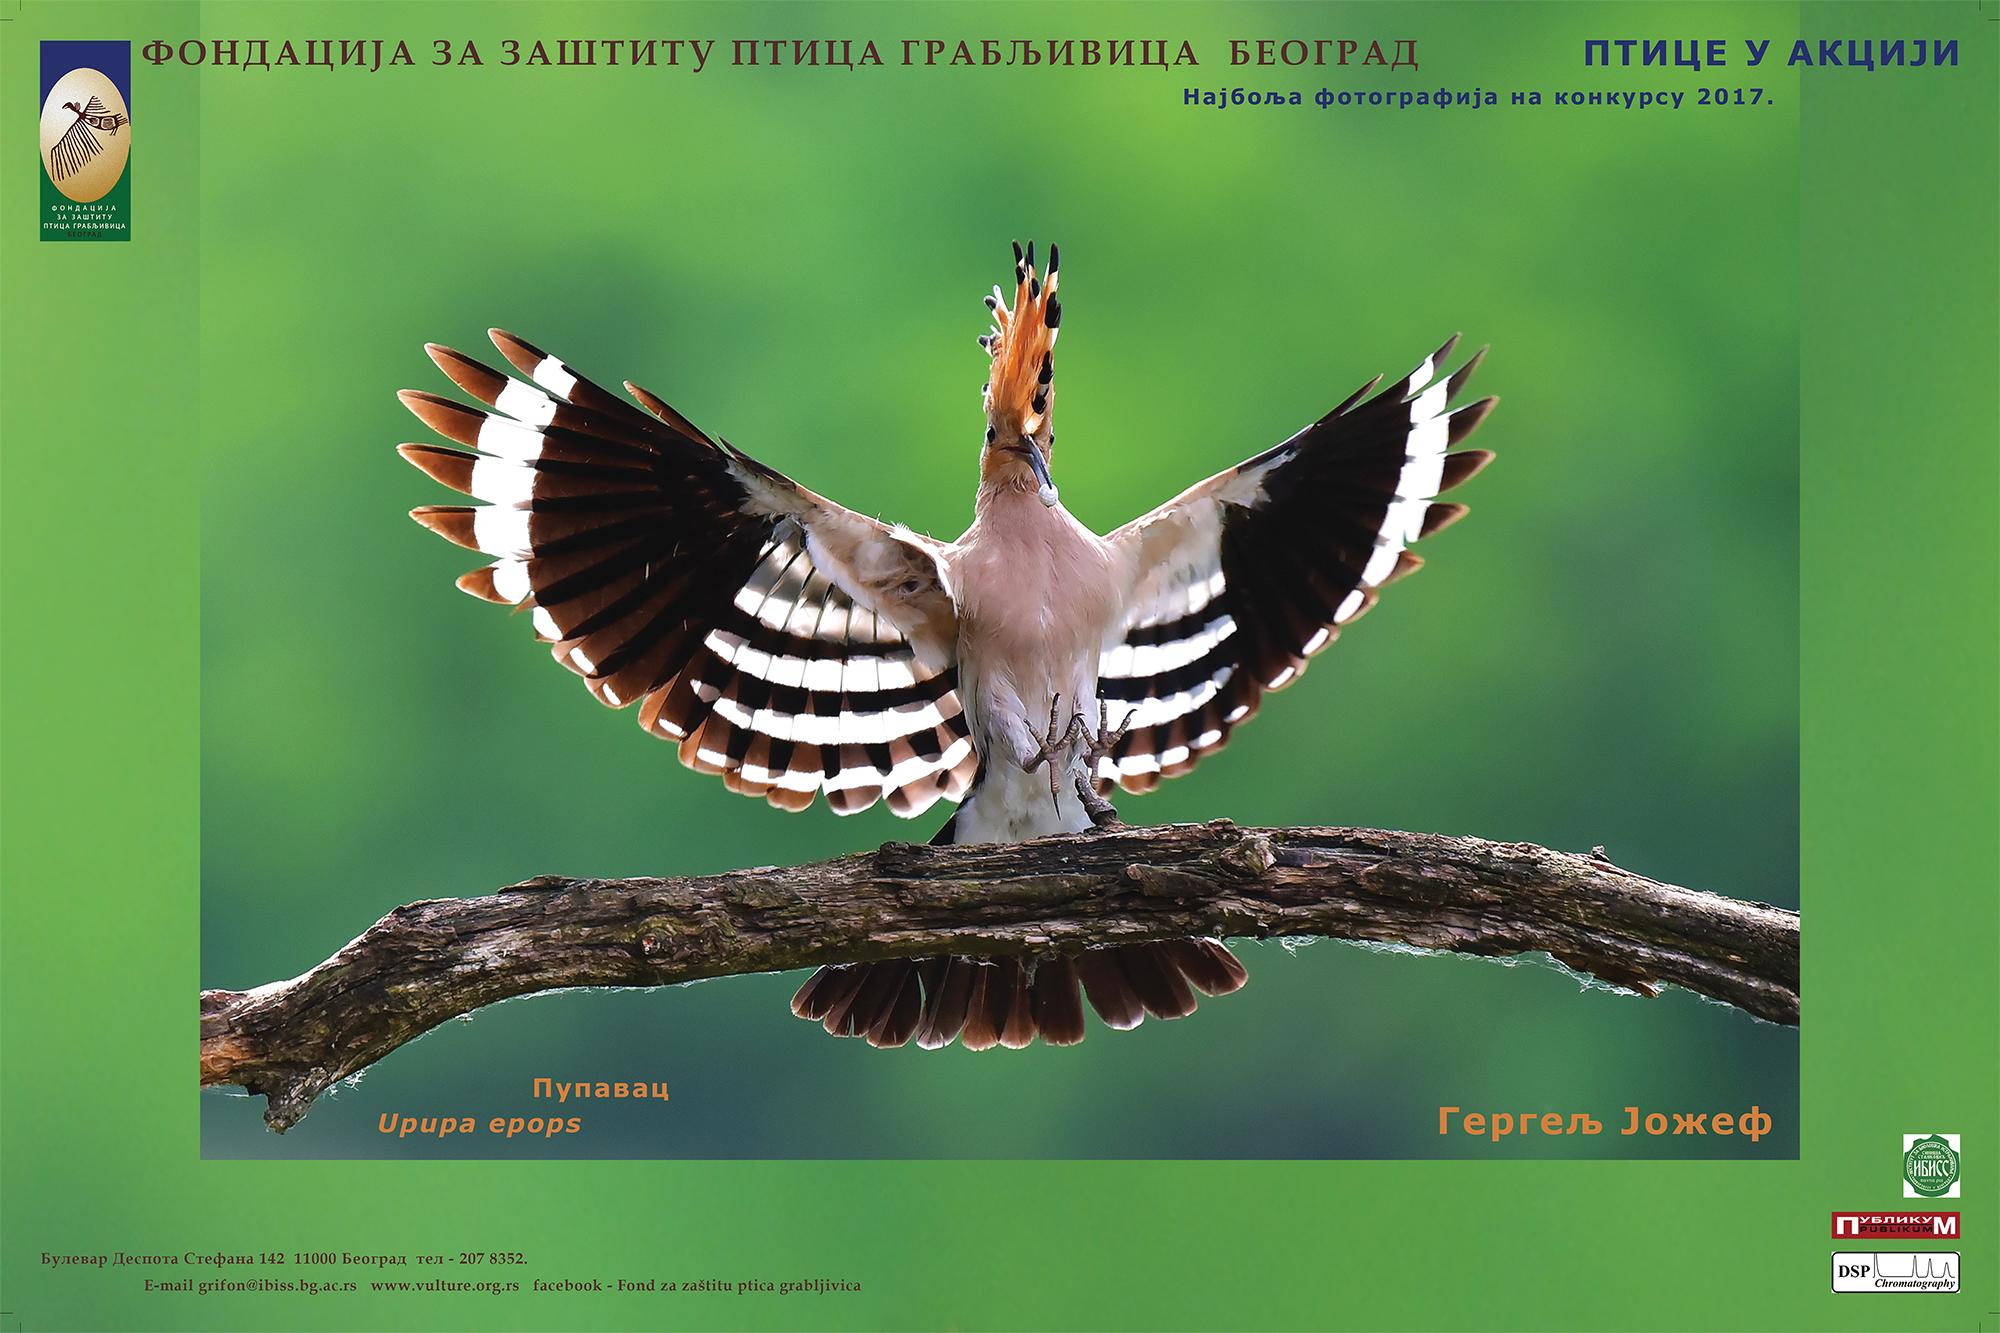 Ptice u akciji